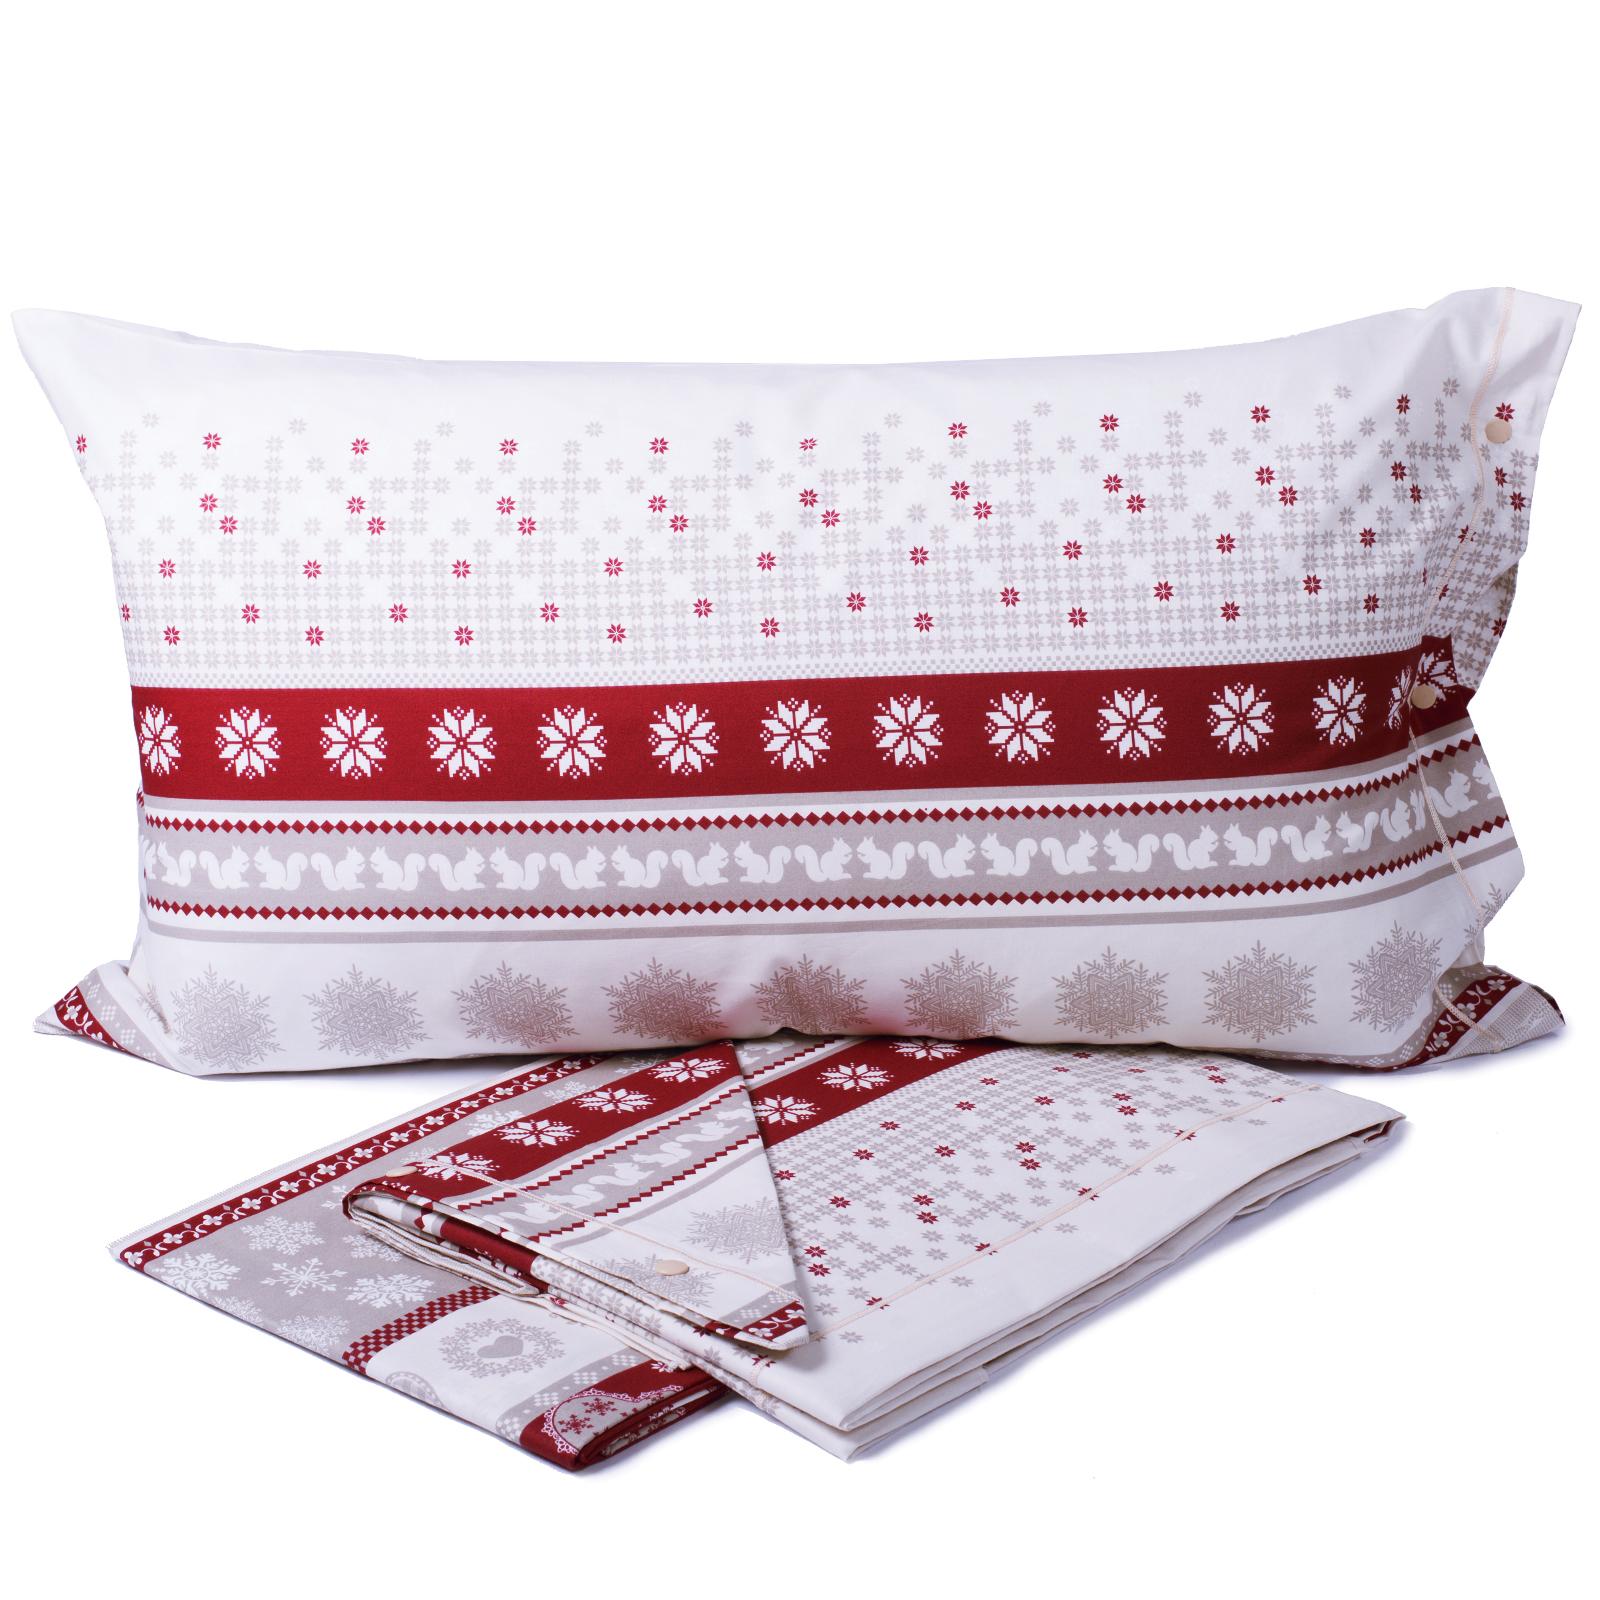 Completo lenzuola in puro cotone brunico cose di casa for Sognare asciugamani